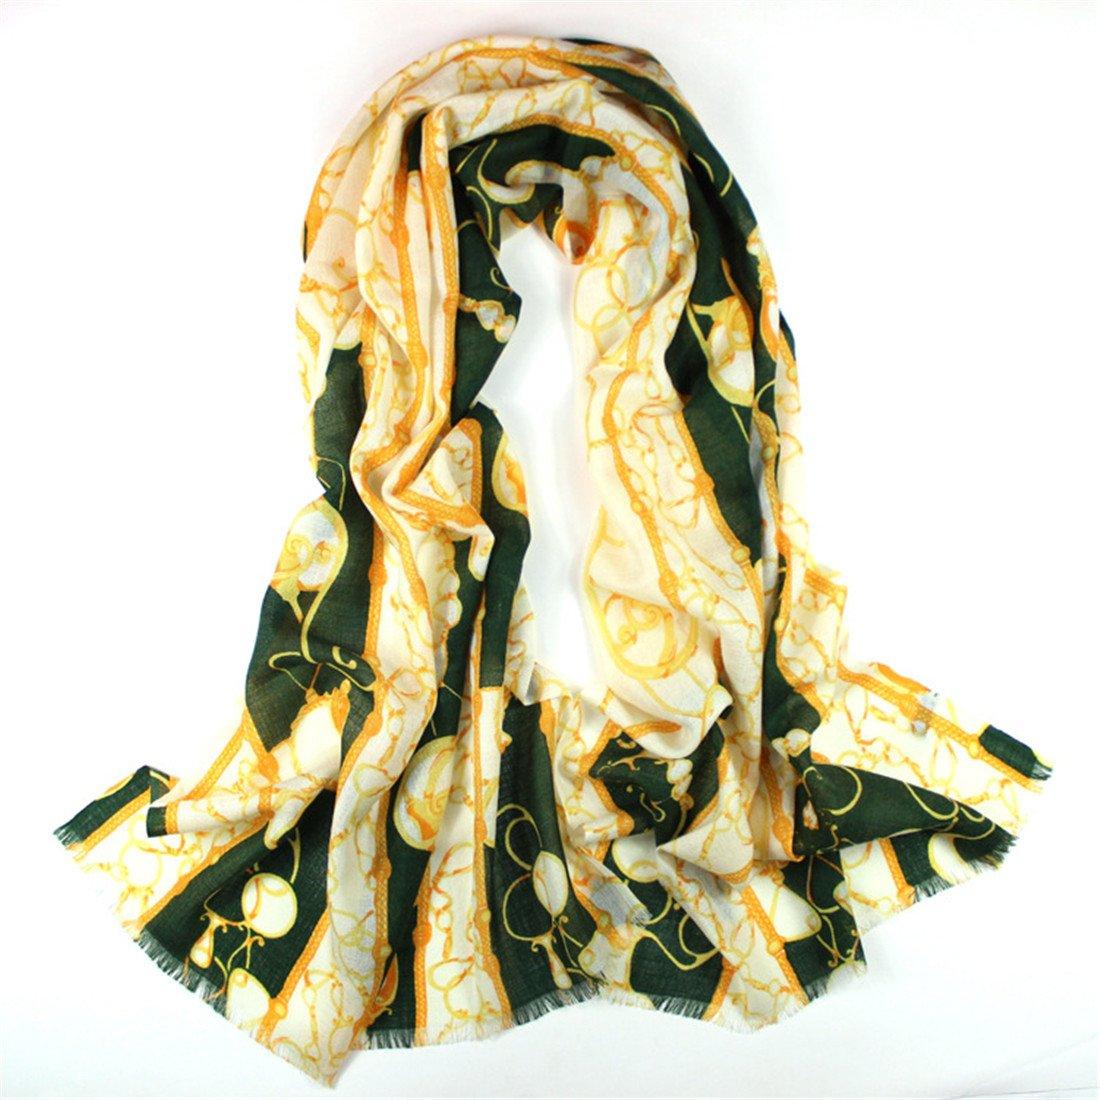 Baumwolle Schal Schal Damen Imitation Nachahmung Wolle Schal   Lady Winter Schal, Tinte Grün